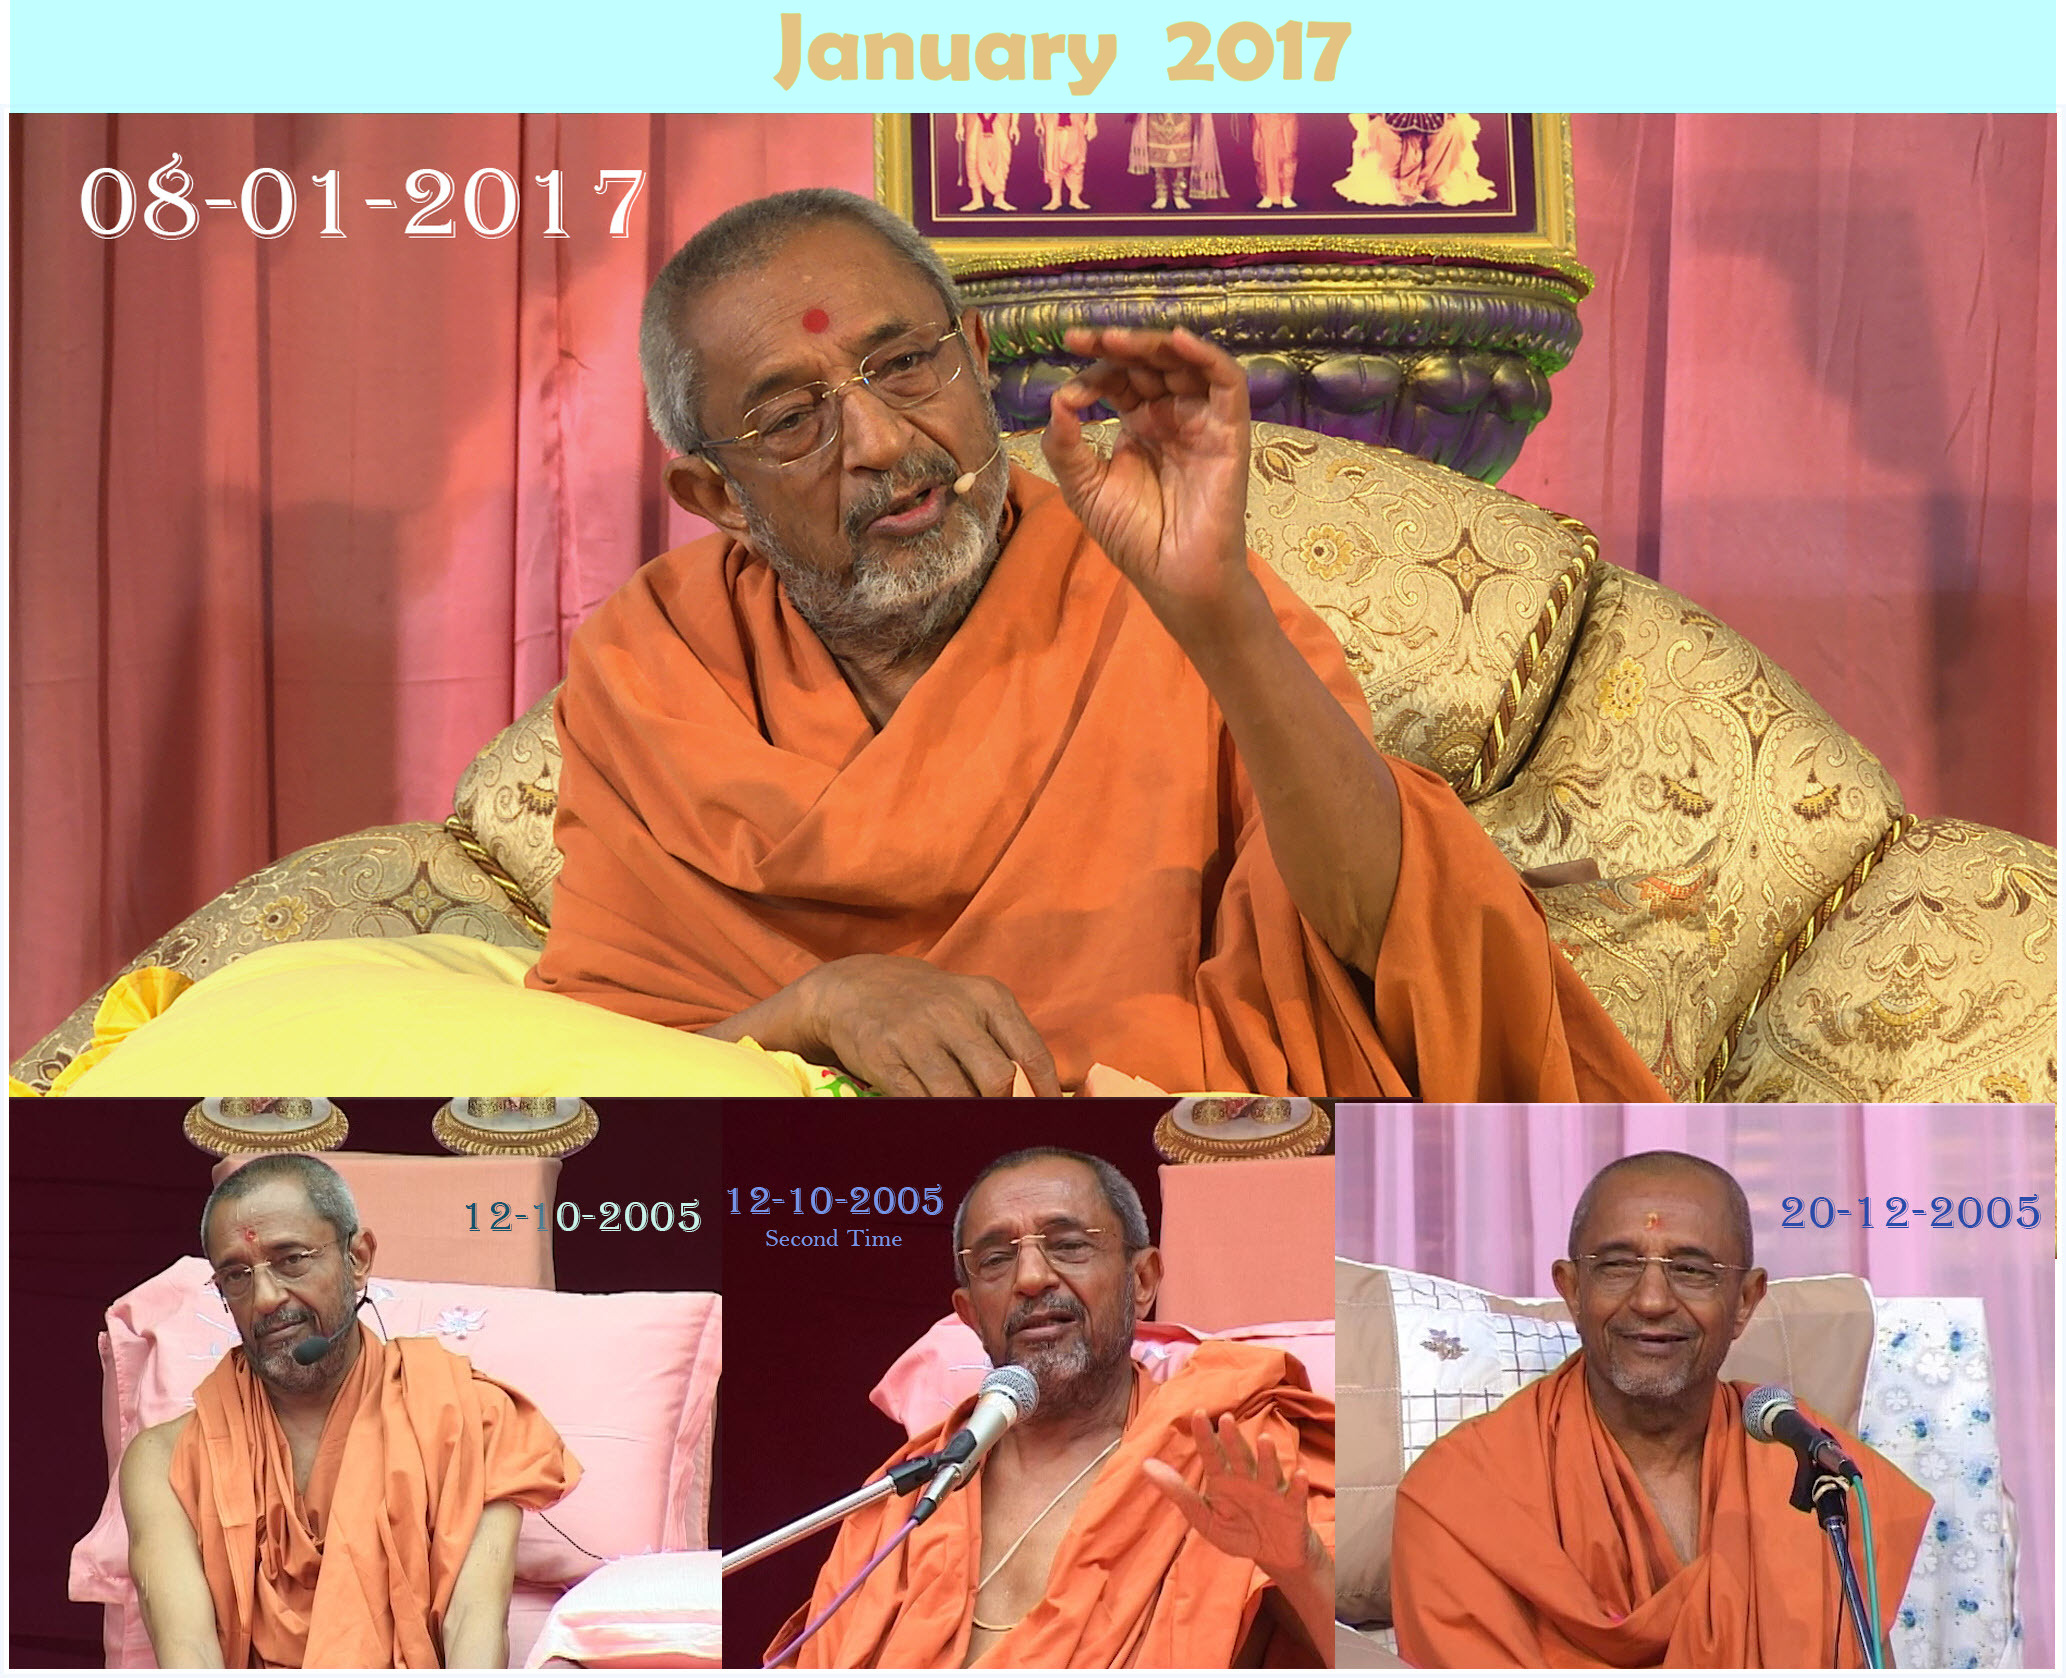 Hari Darshan - Jan. 2017